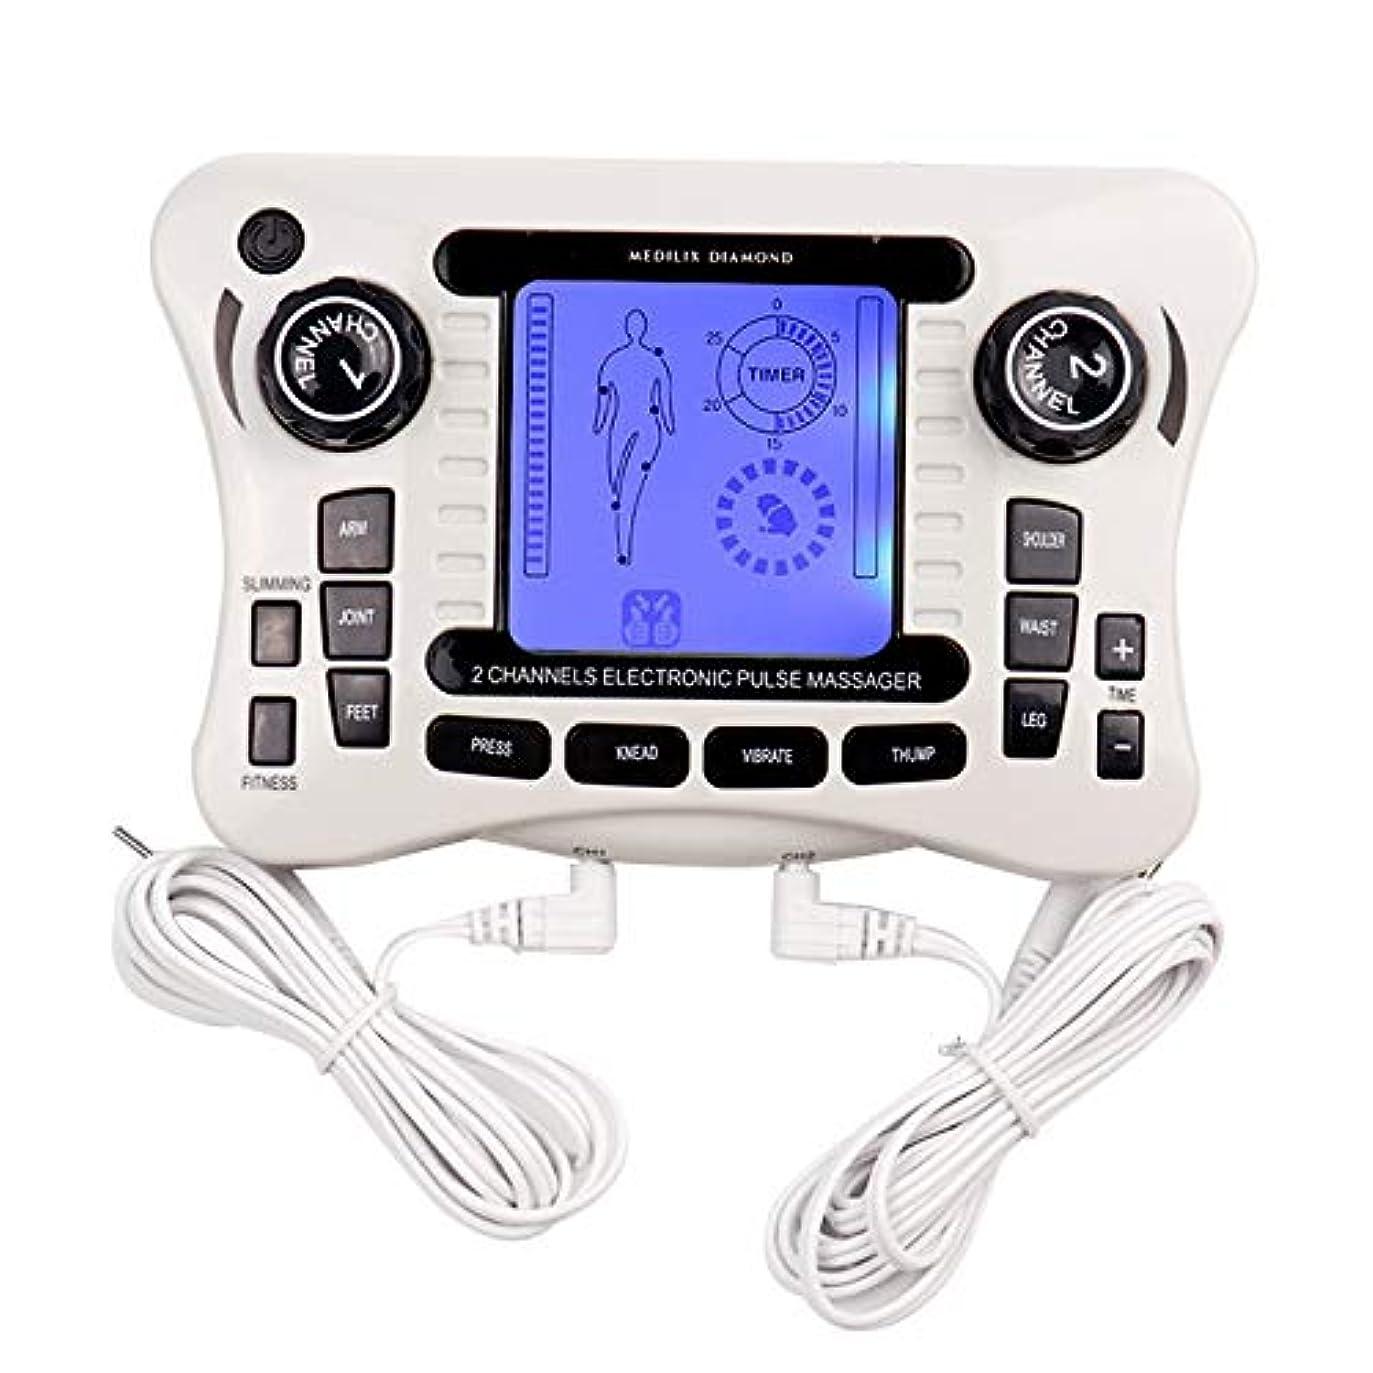 装置公演取り除く電子パルスマッサージャー/十emsトレーナーボディマッサージャー筋肉刺激装置バックボディネックマッサージデュアルチャンネル療法機